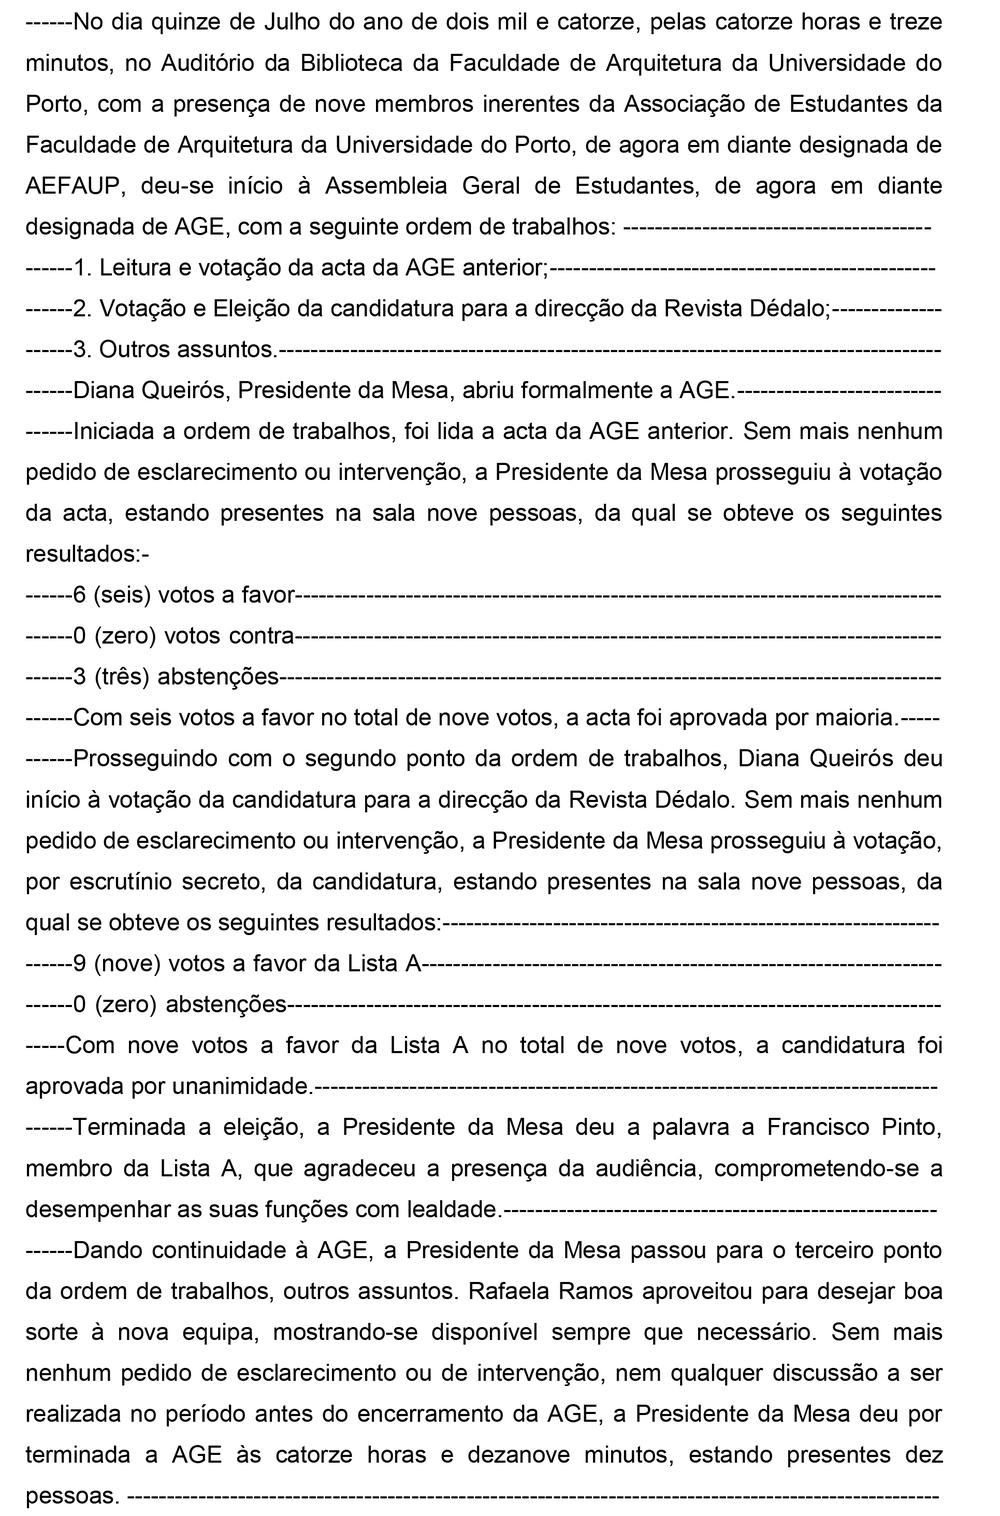 Acta 15 de Julho de 2014 - Votação e Eleição da candidatura para a direcção da Revista Dédalo -1.jpg